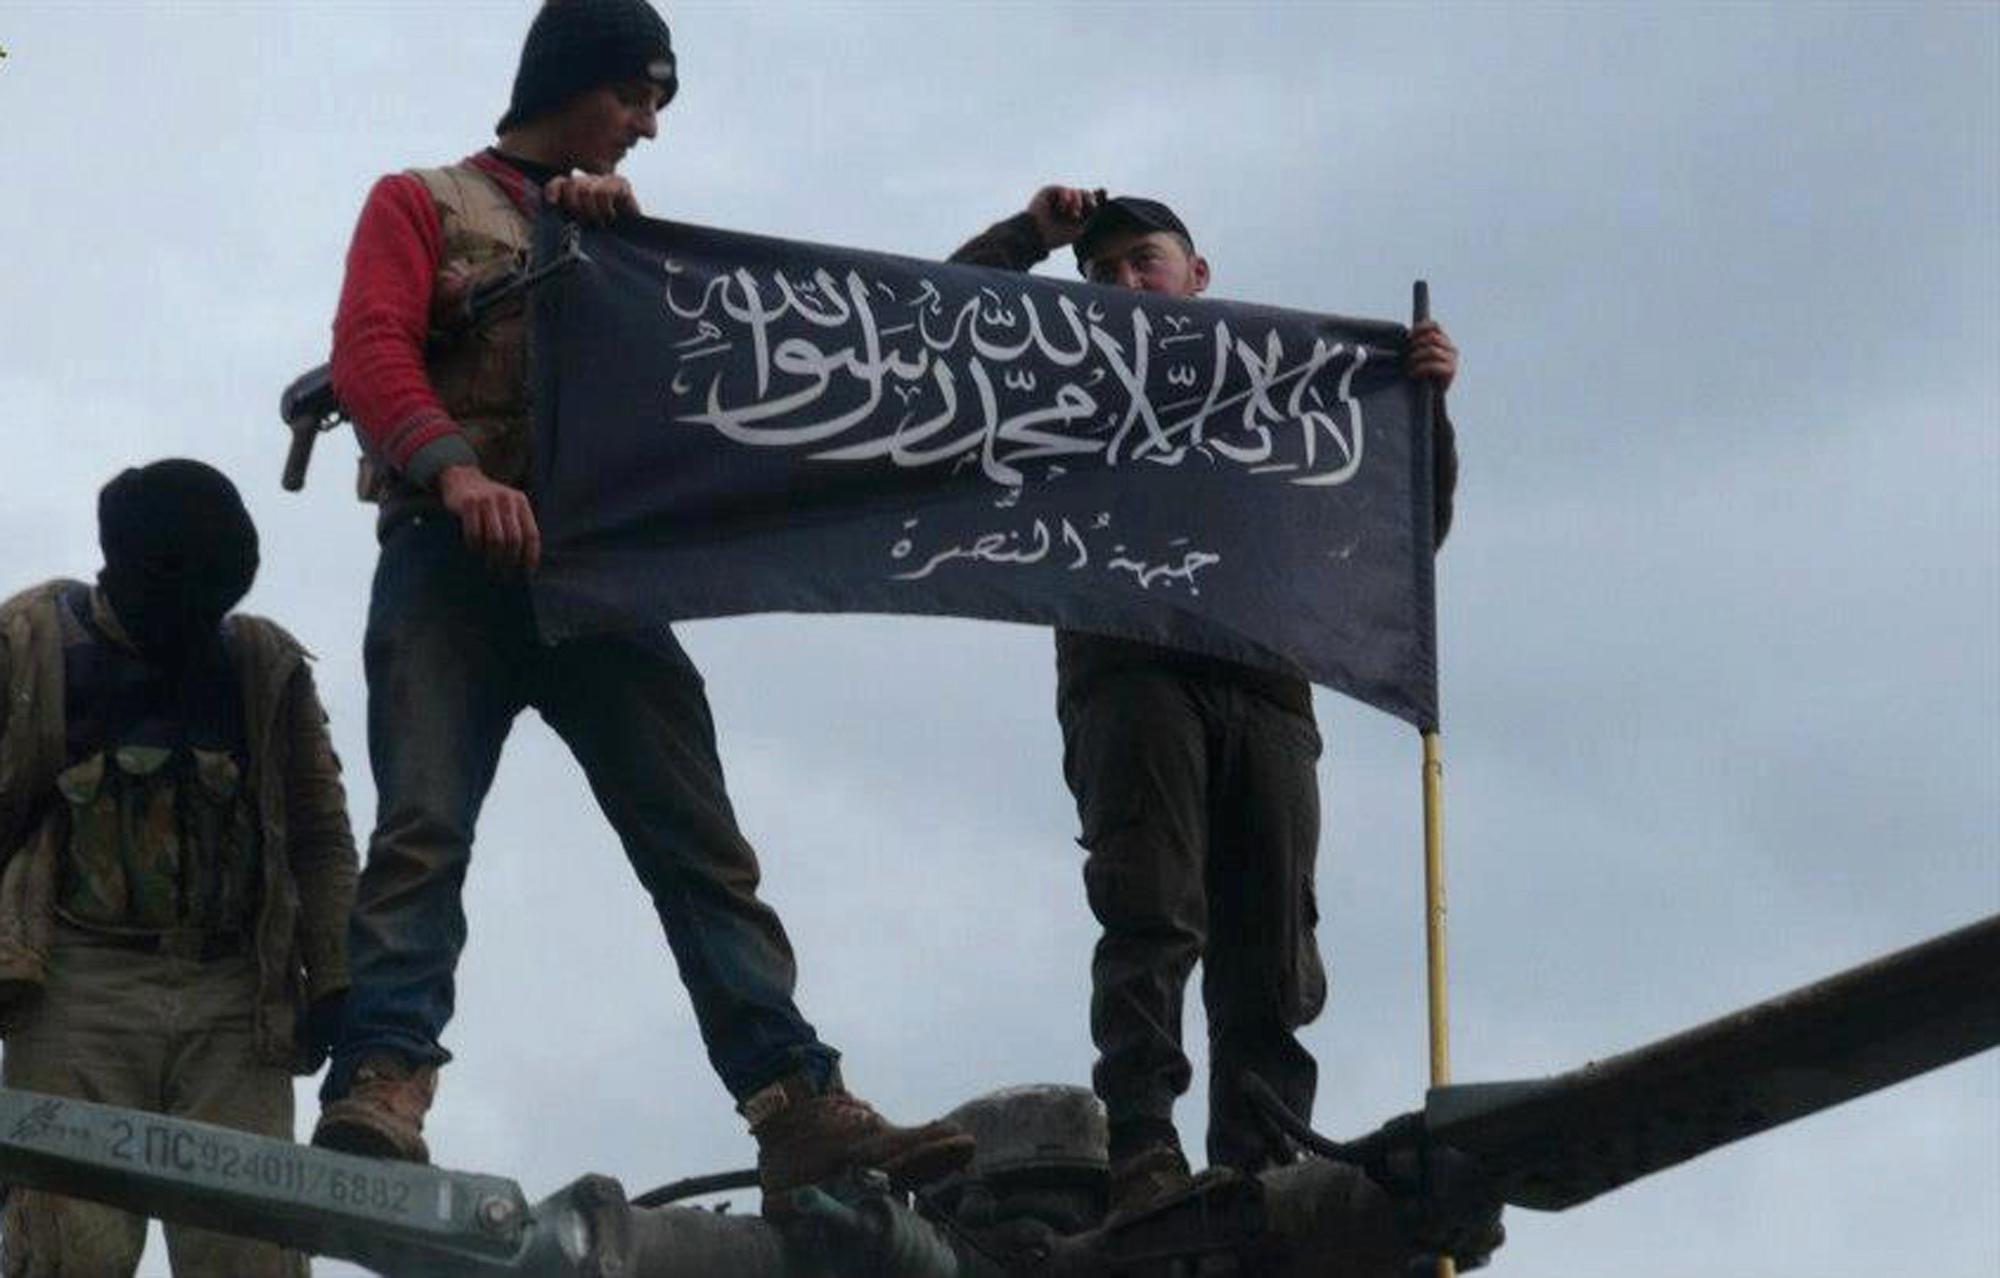 Ρωσία: Παγώνει τις επιδρομές κατά Αλ Νόσρα στη Συρία   tovima.gr